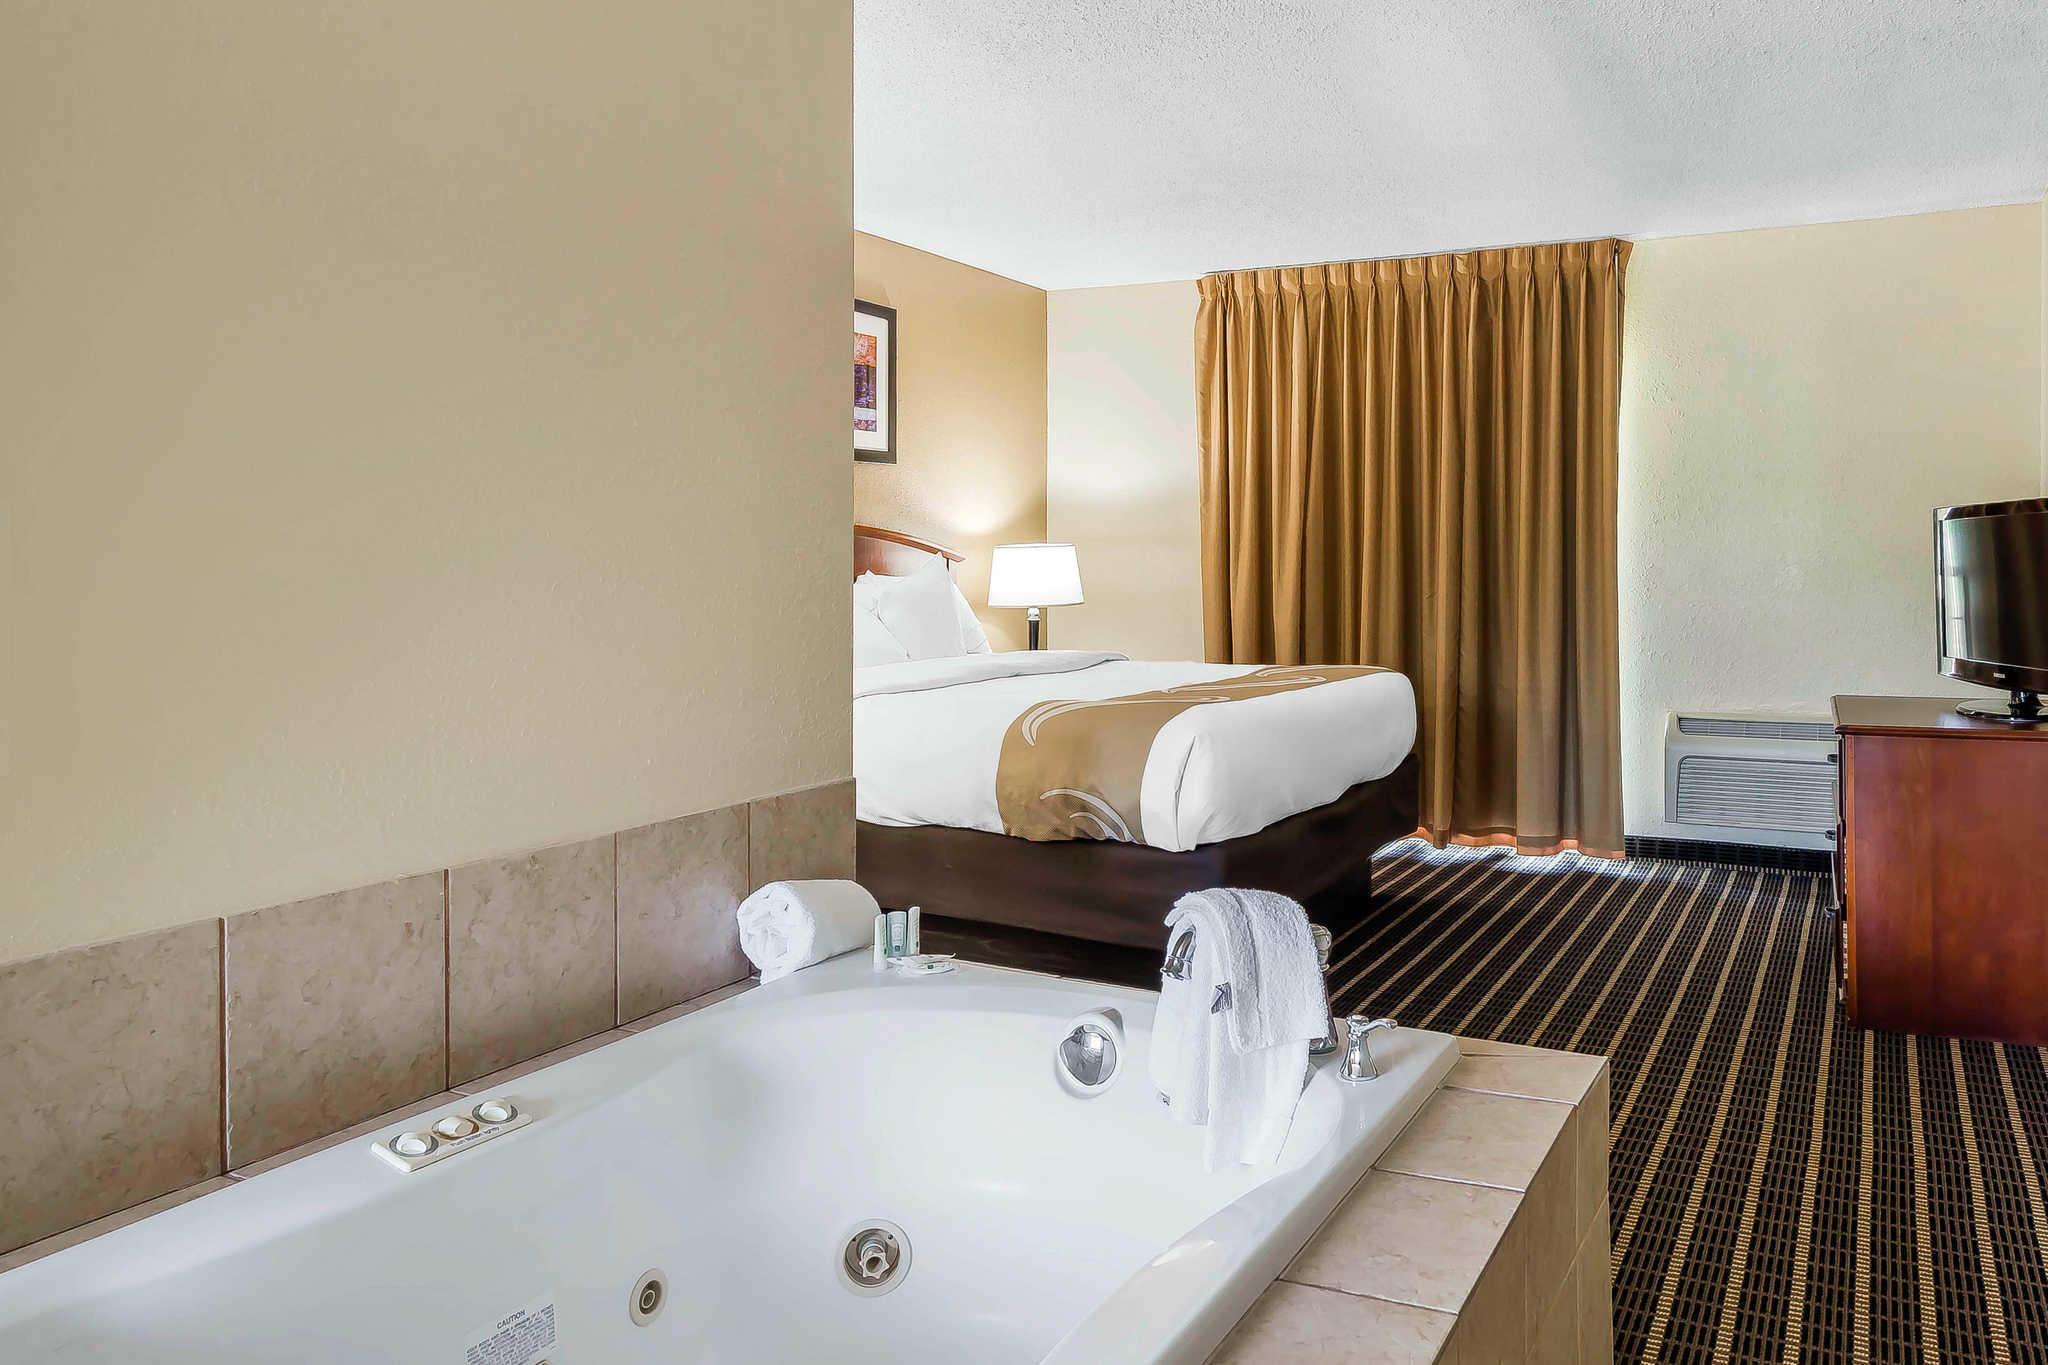 Quality Inn & Suites River Suites image 17